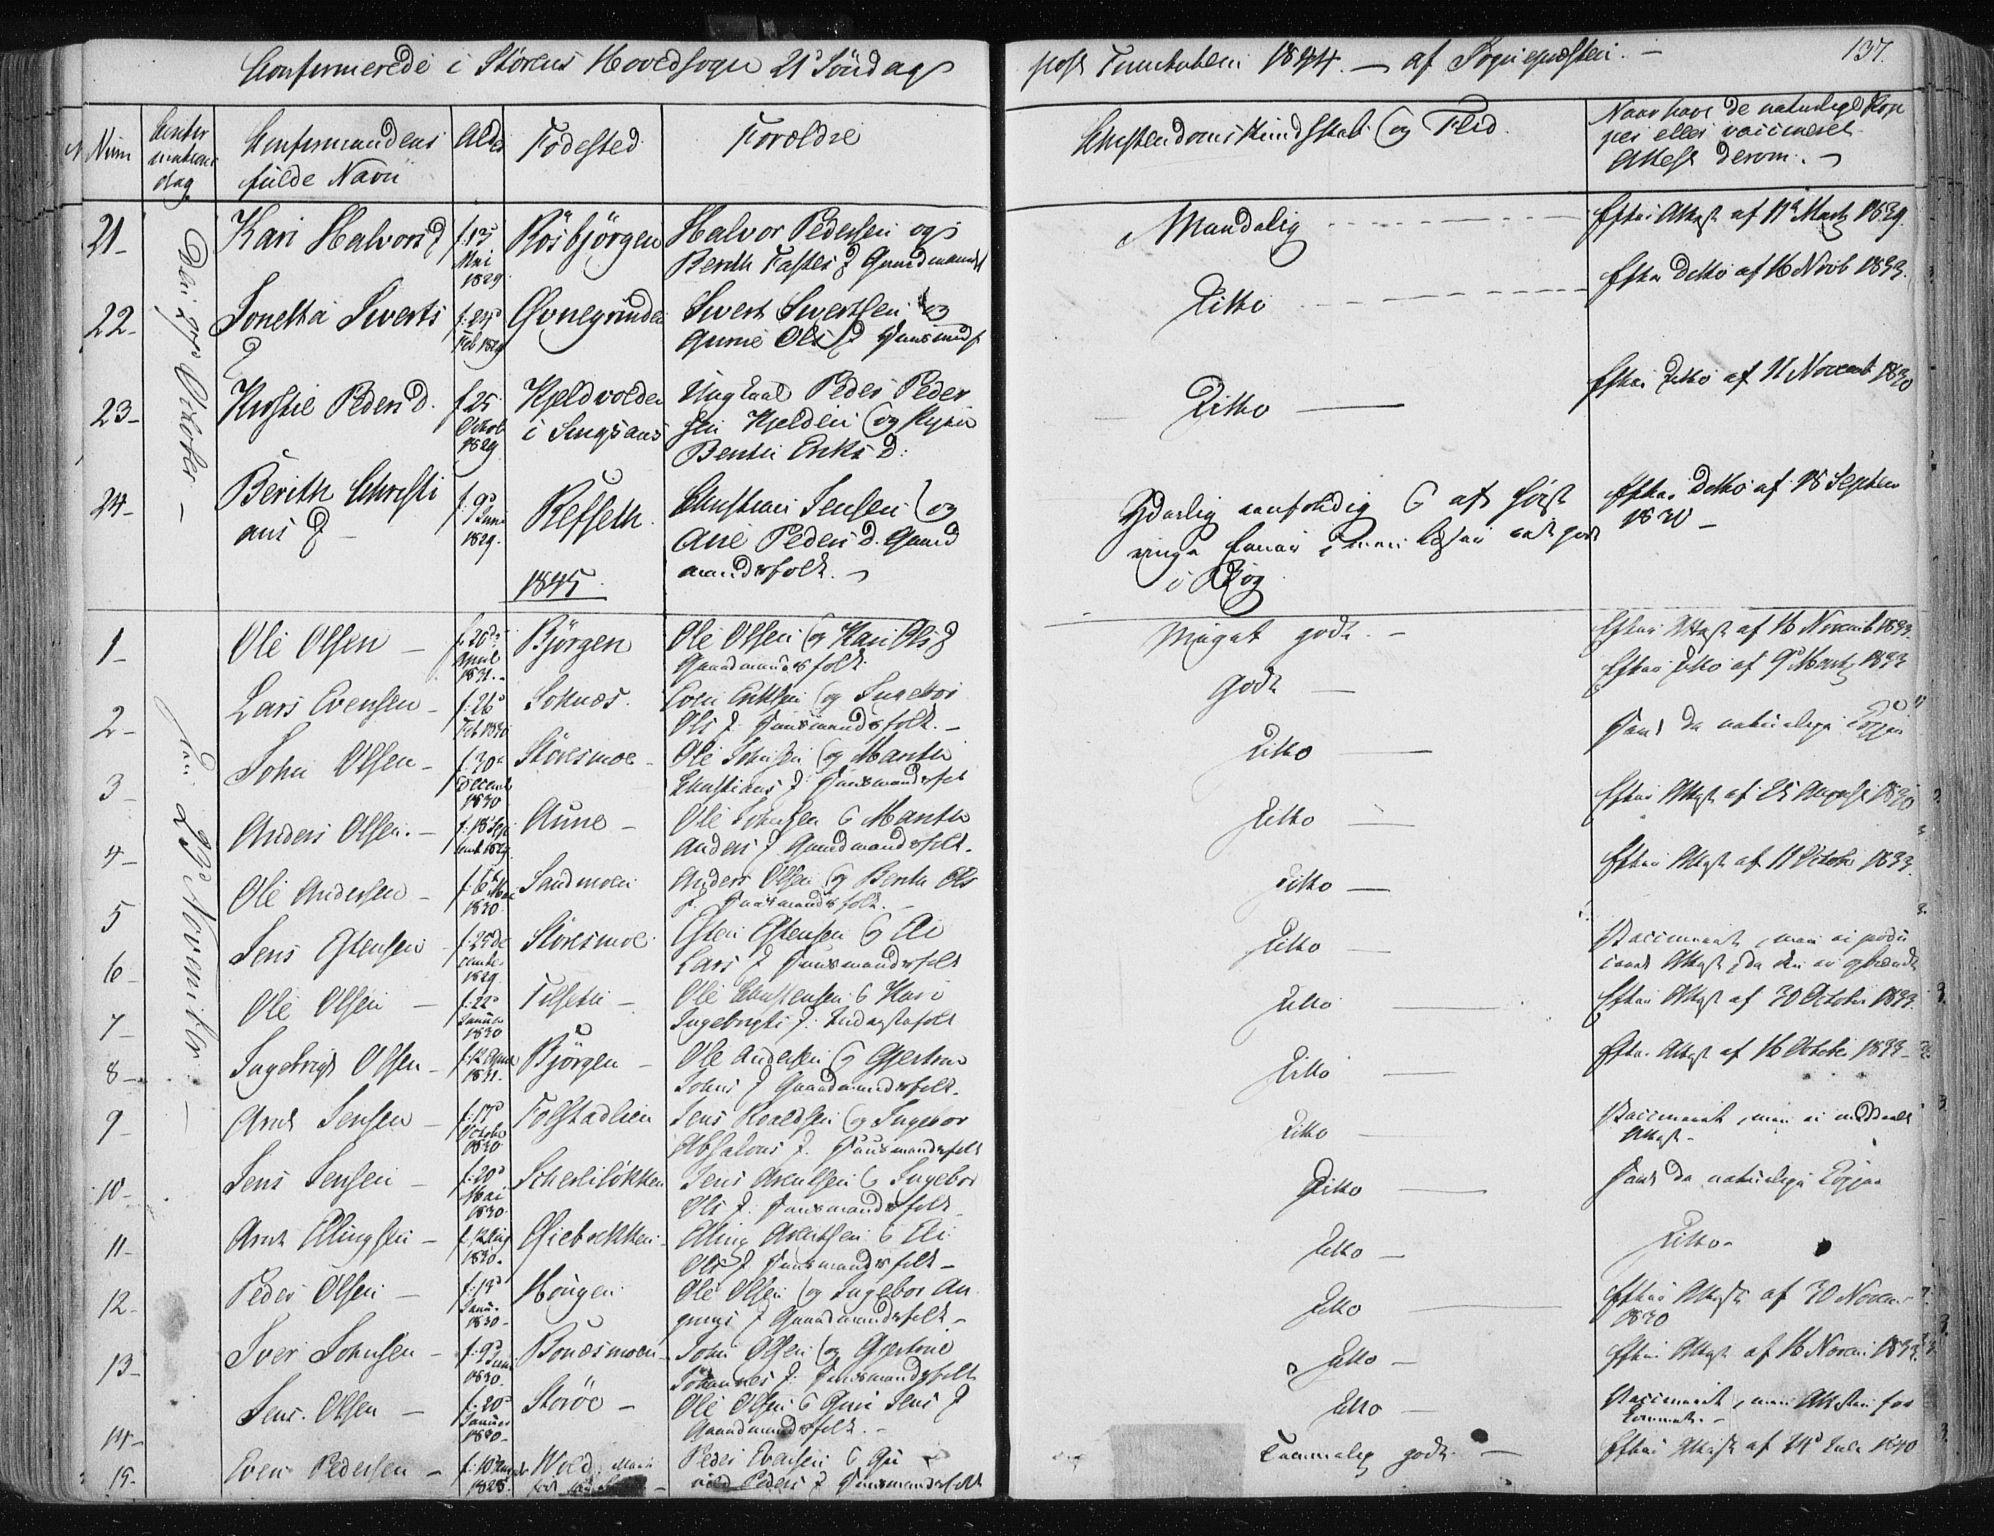 SAT, Ministerialprotokoller, klokkerbøker og fødselsregistre - Sør-Trøndelag, 687/L0997: Ministerialbok nr. 687A05 /1, 1843-1848, s. 137